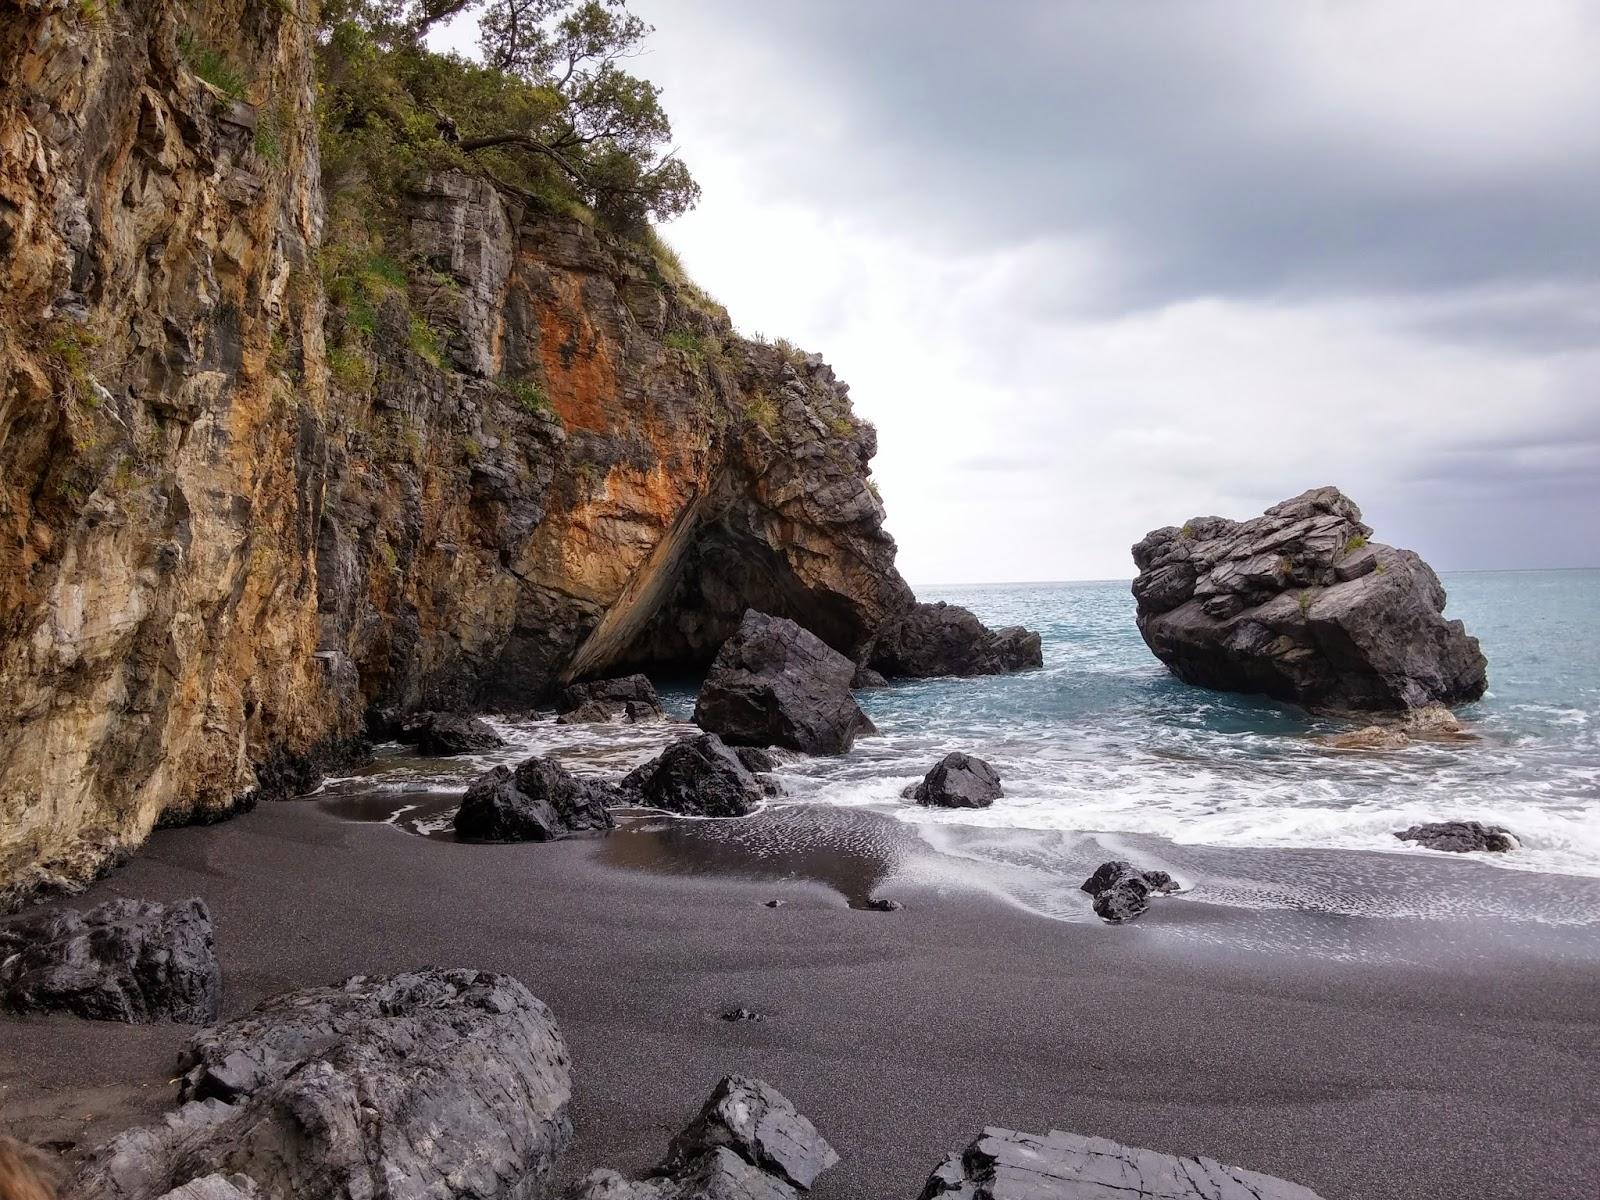 Spiaggia di Cala Jannita